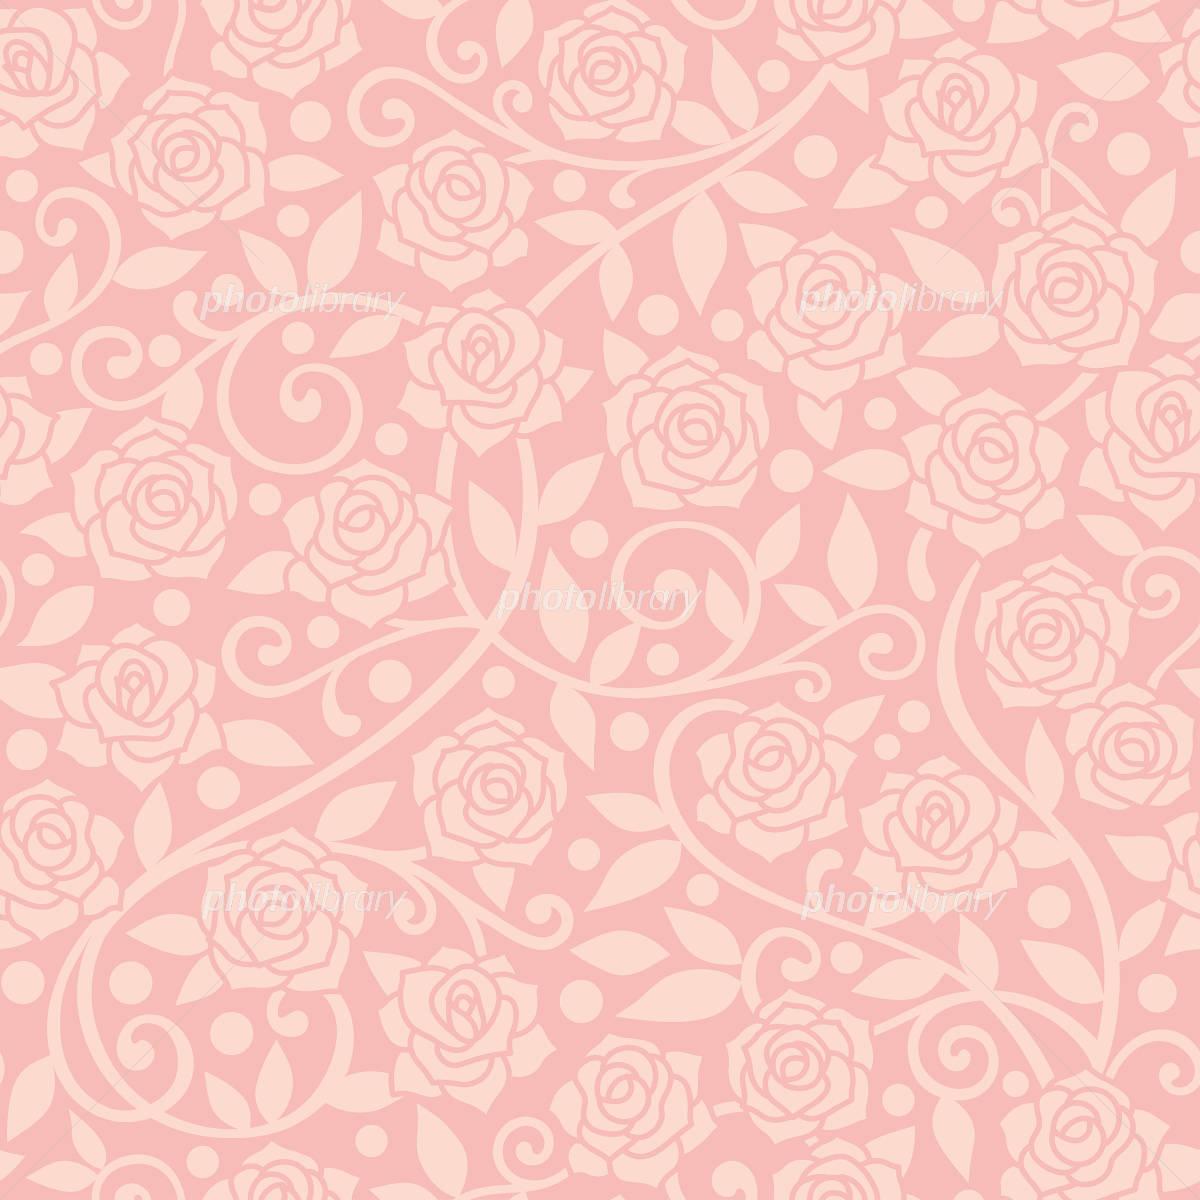 ピンクの薔薇の背景 イラスト素材 2808148 フォトライブラリー